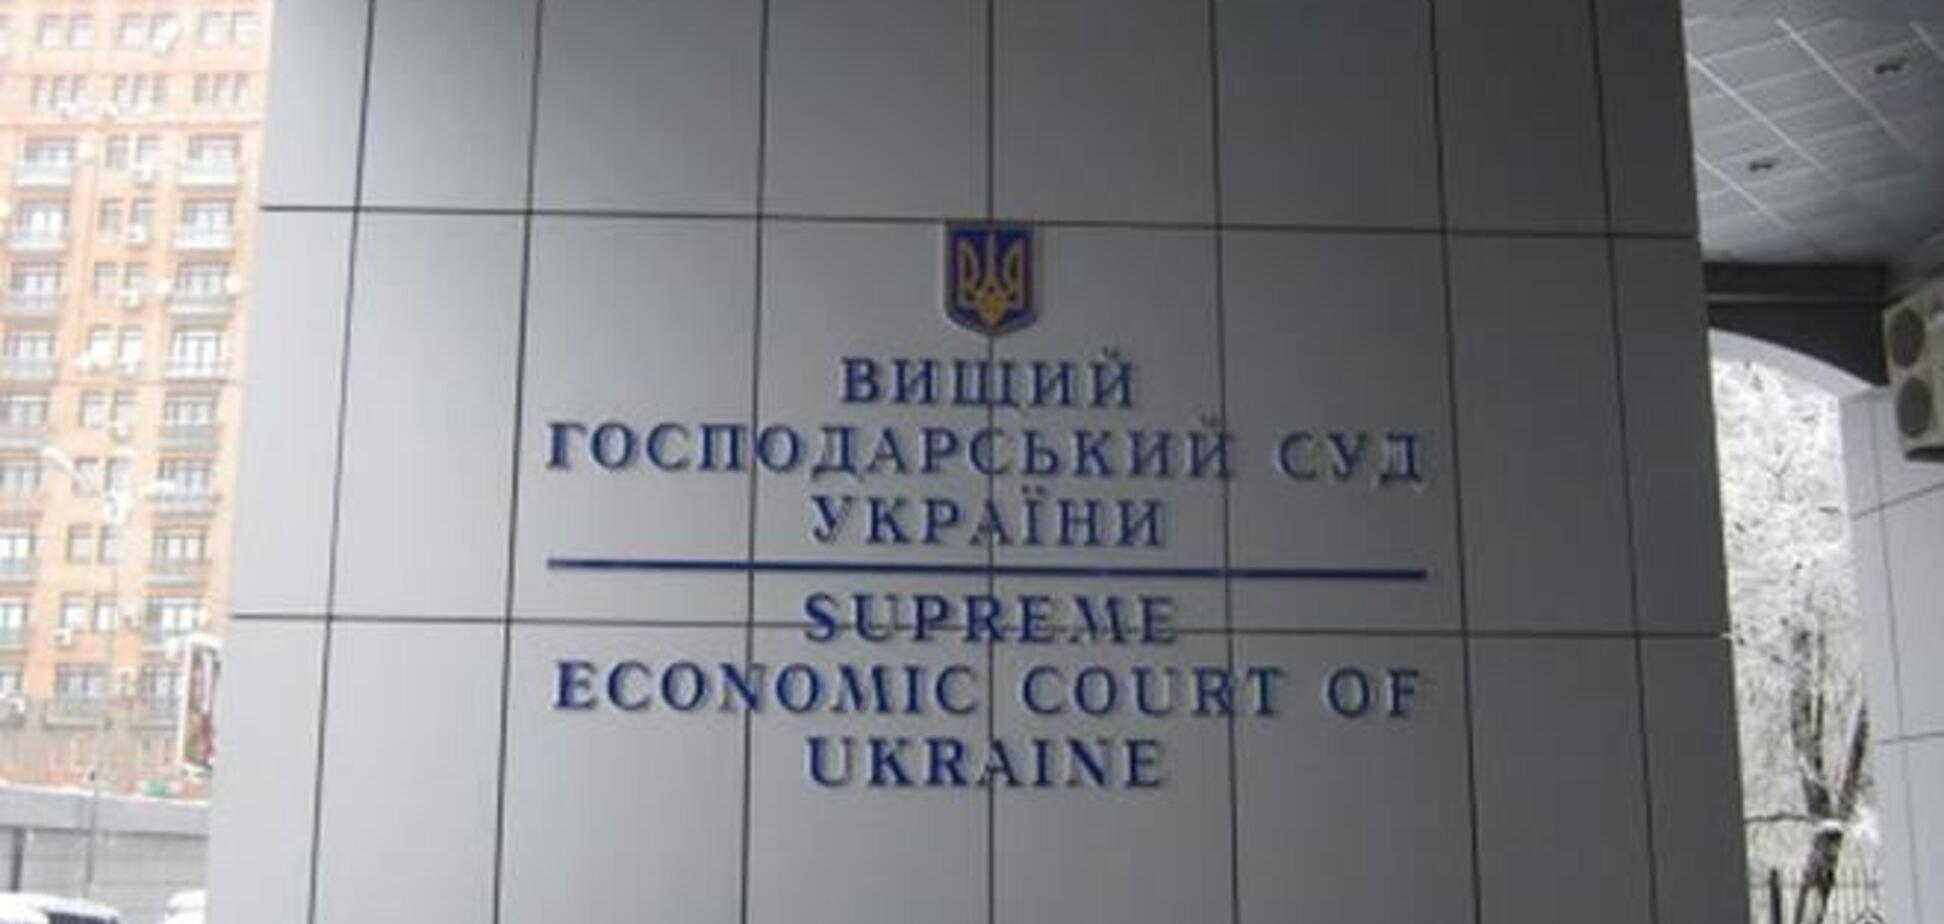 Высший хозсуд Украины отклонил кассацию Минобороны России на выплату долга ЕЭСУ